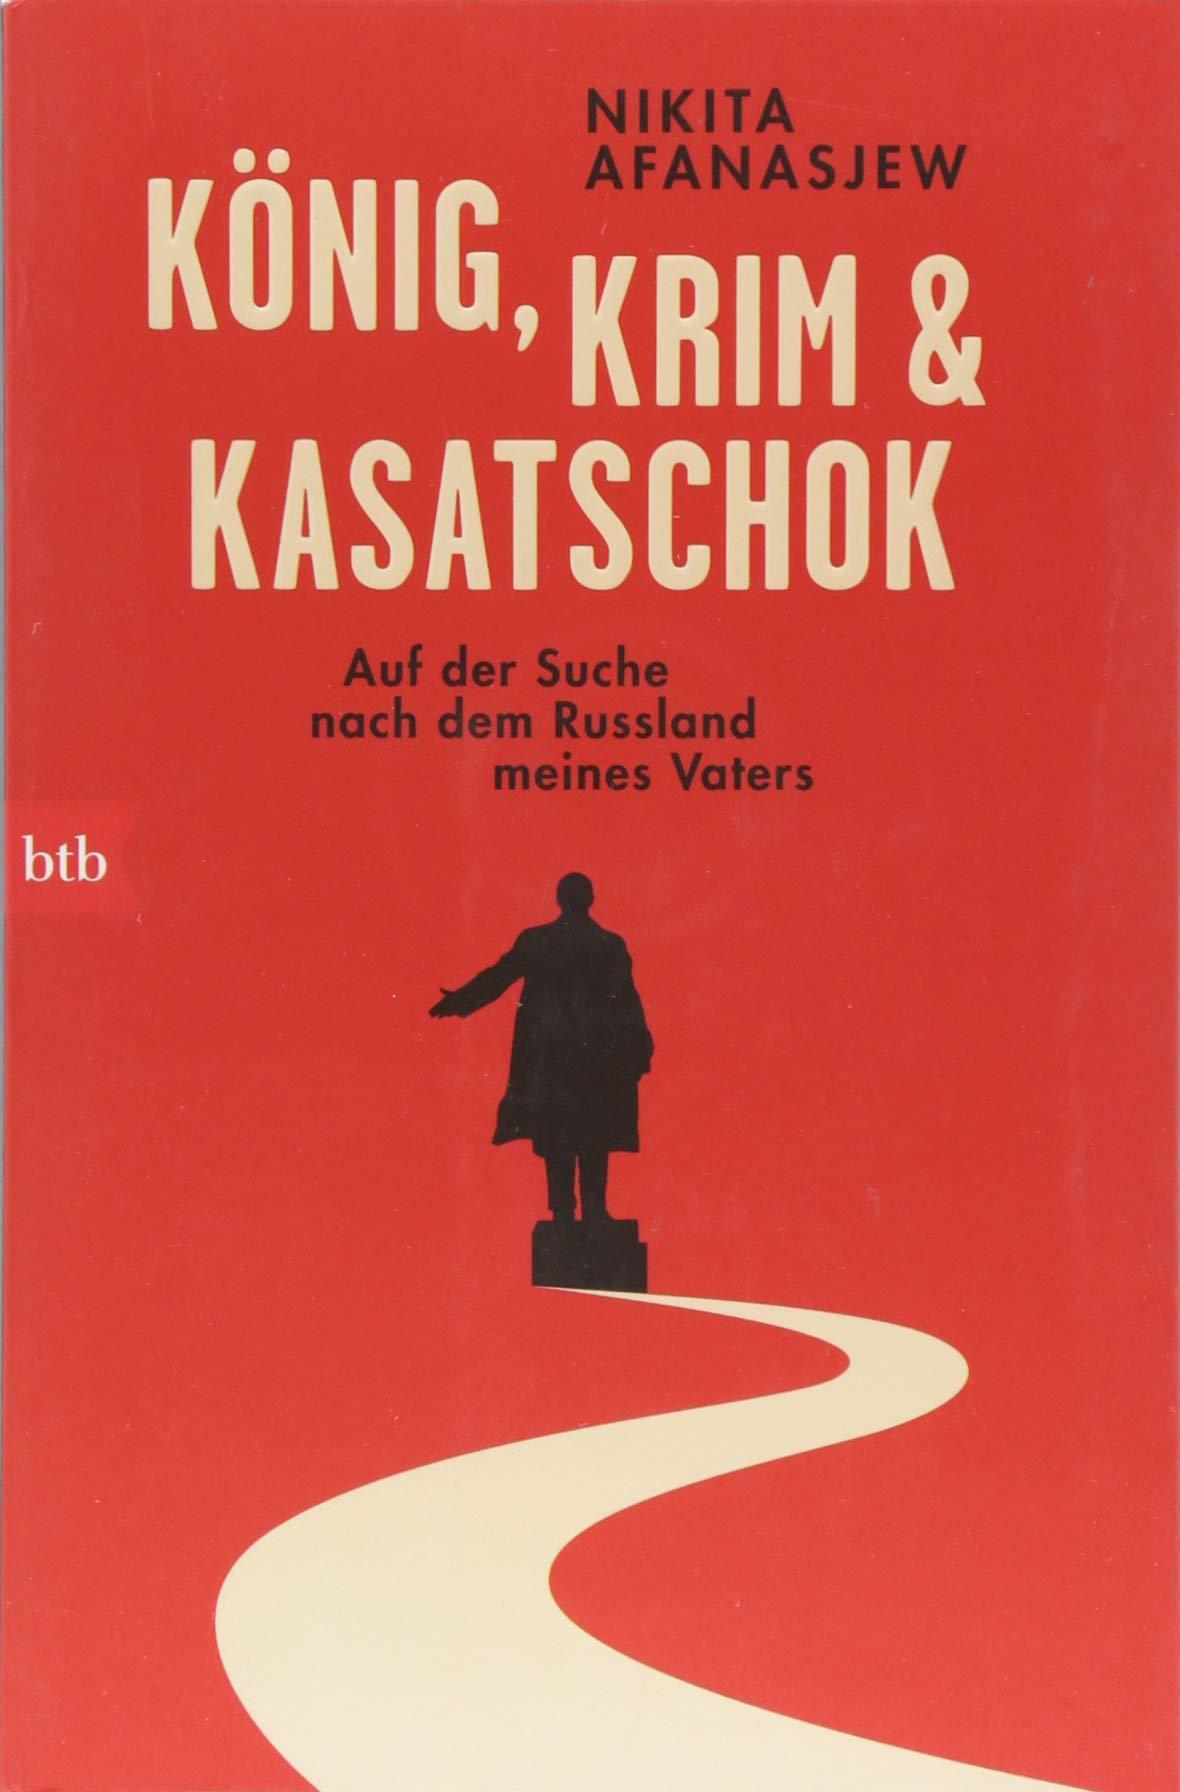 König, Krim und Kasatschok: Auf der Suche nach dem Russland meines Vaters